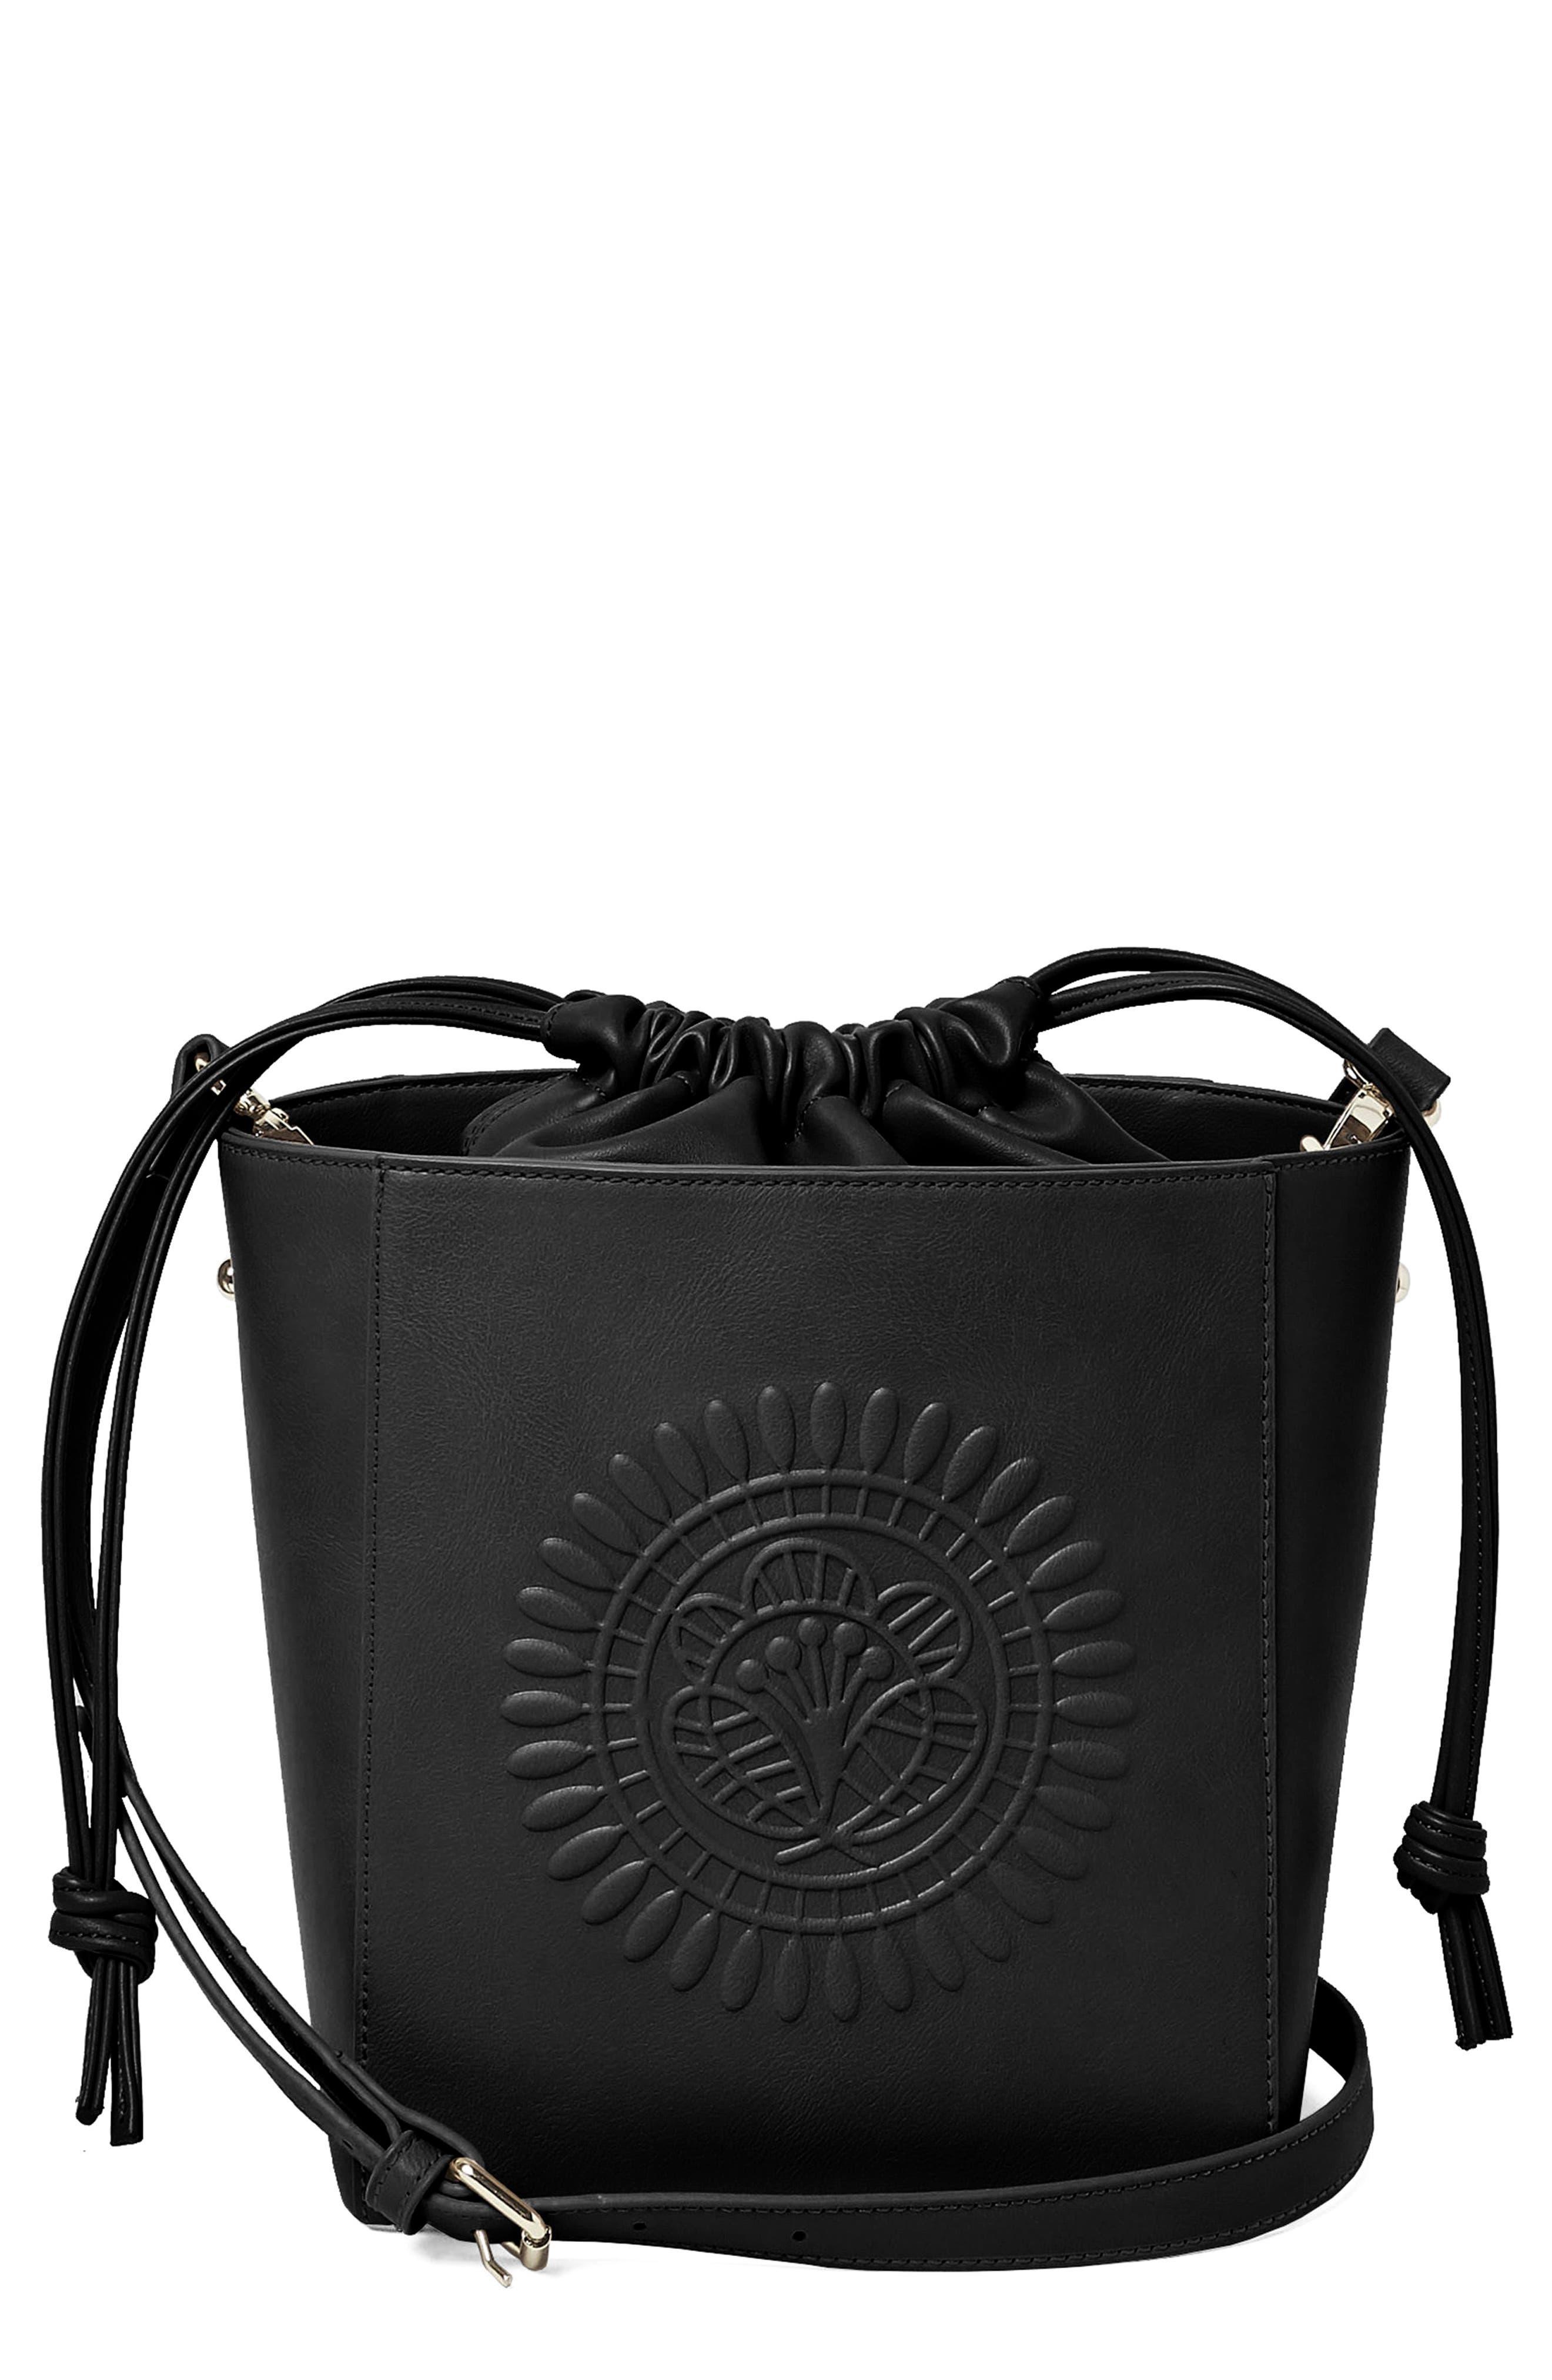 Wanderer Vegan Leather Bucket Bag,                         Main,                         color, 001